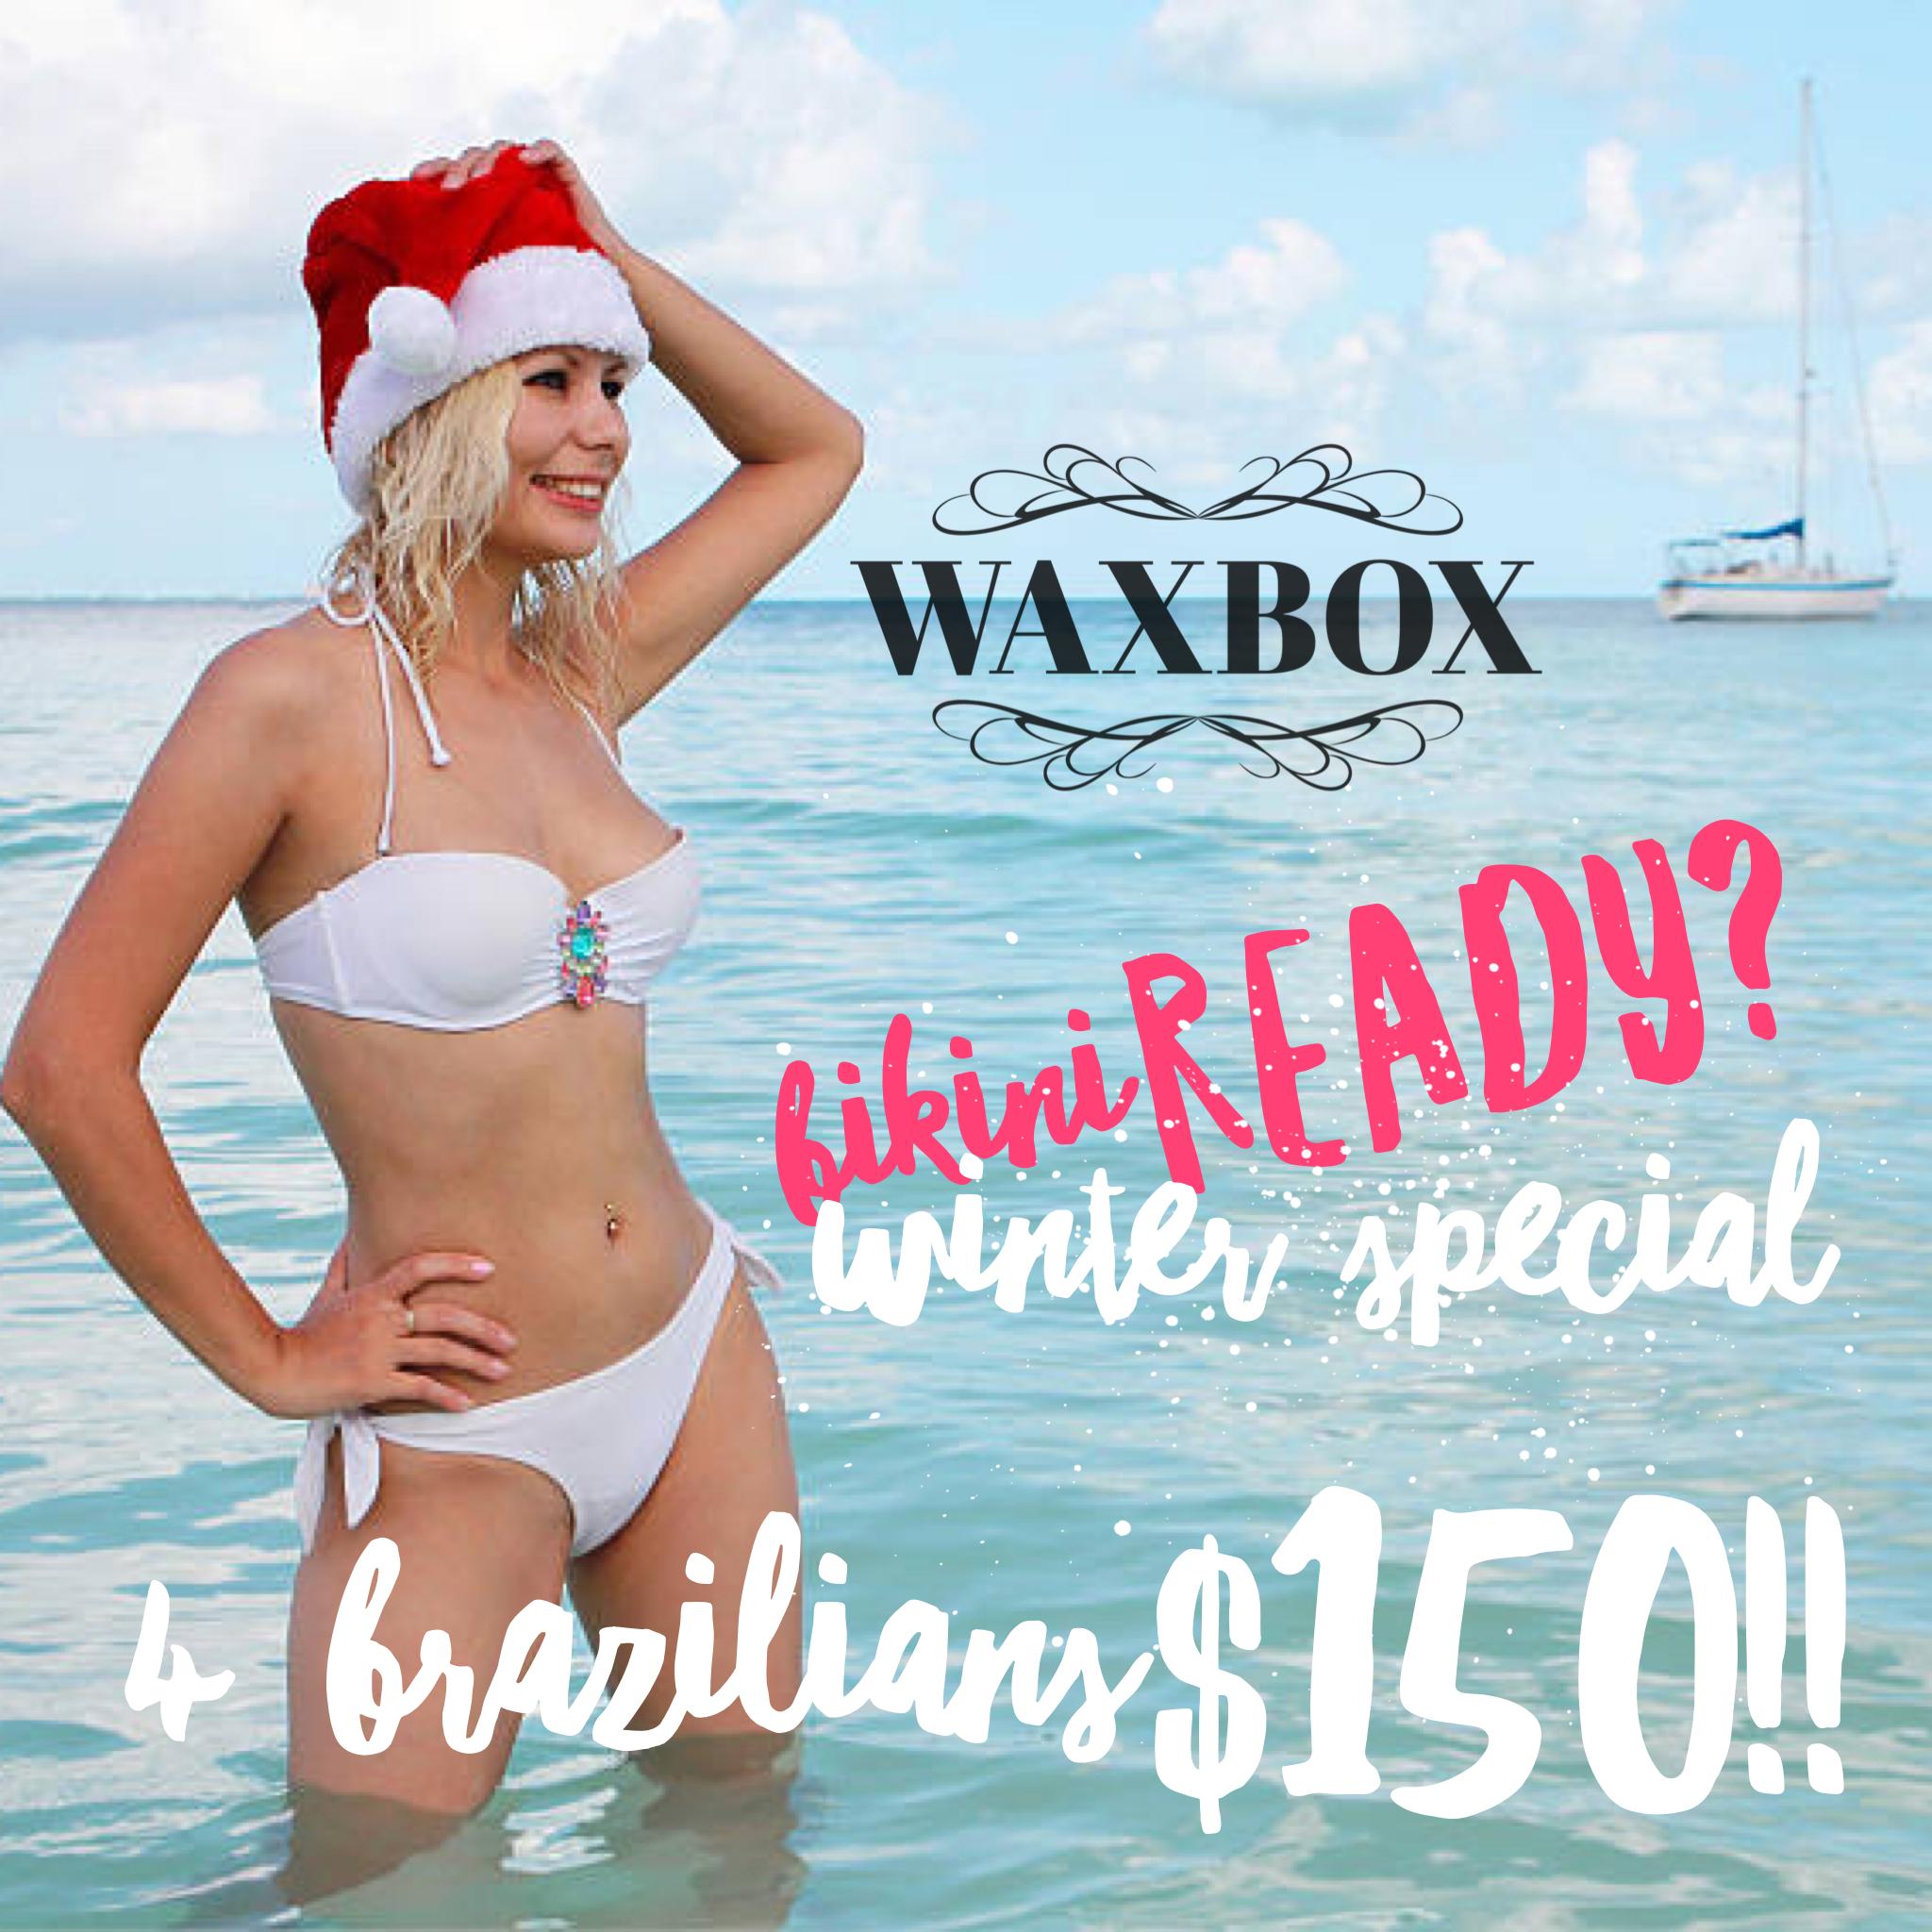 Winter Special!! 4 Brazilians $150!!!!! Available till January 1 *Valid till Dec 31st, 2019